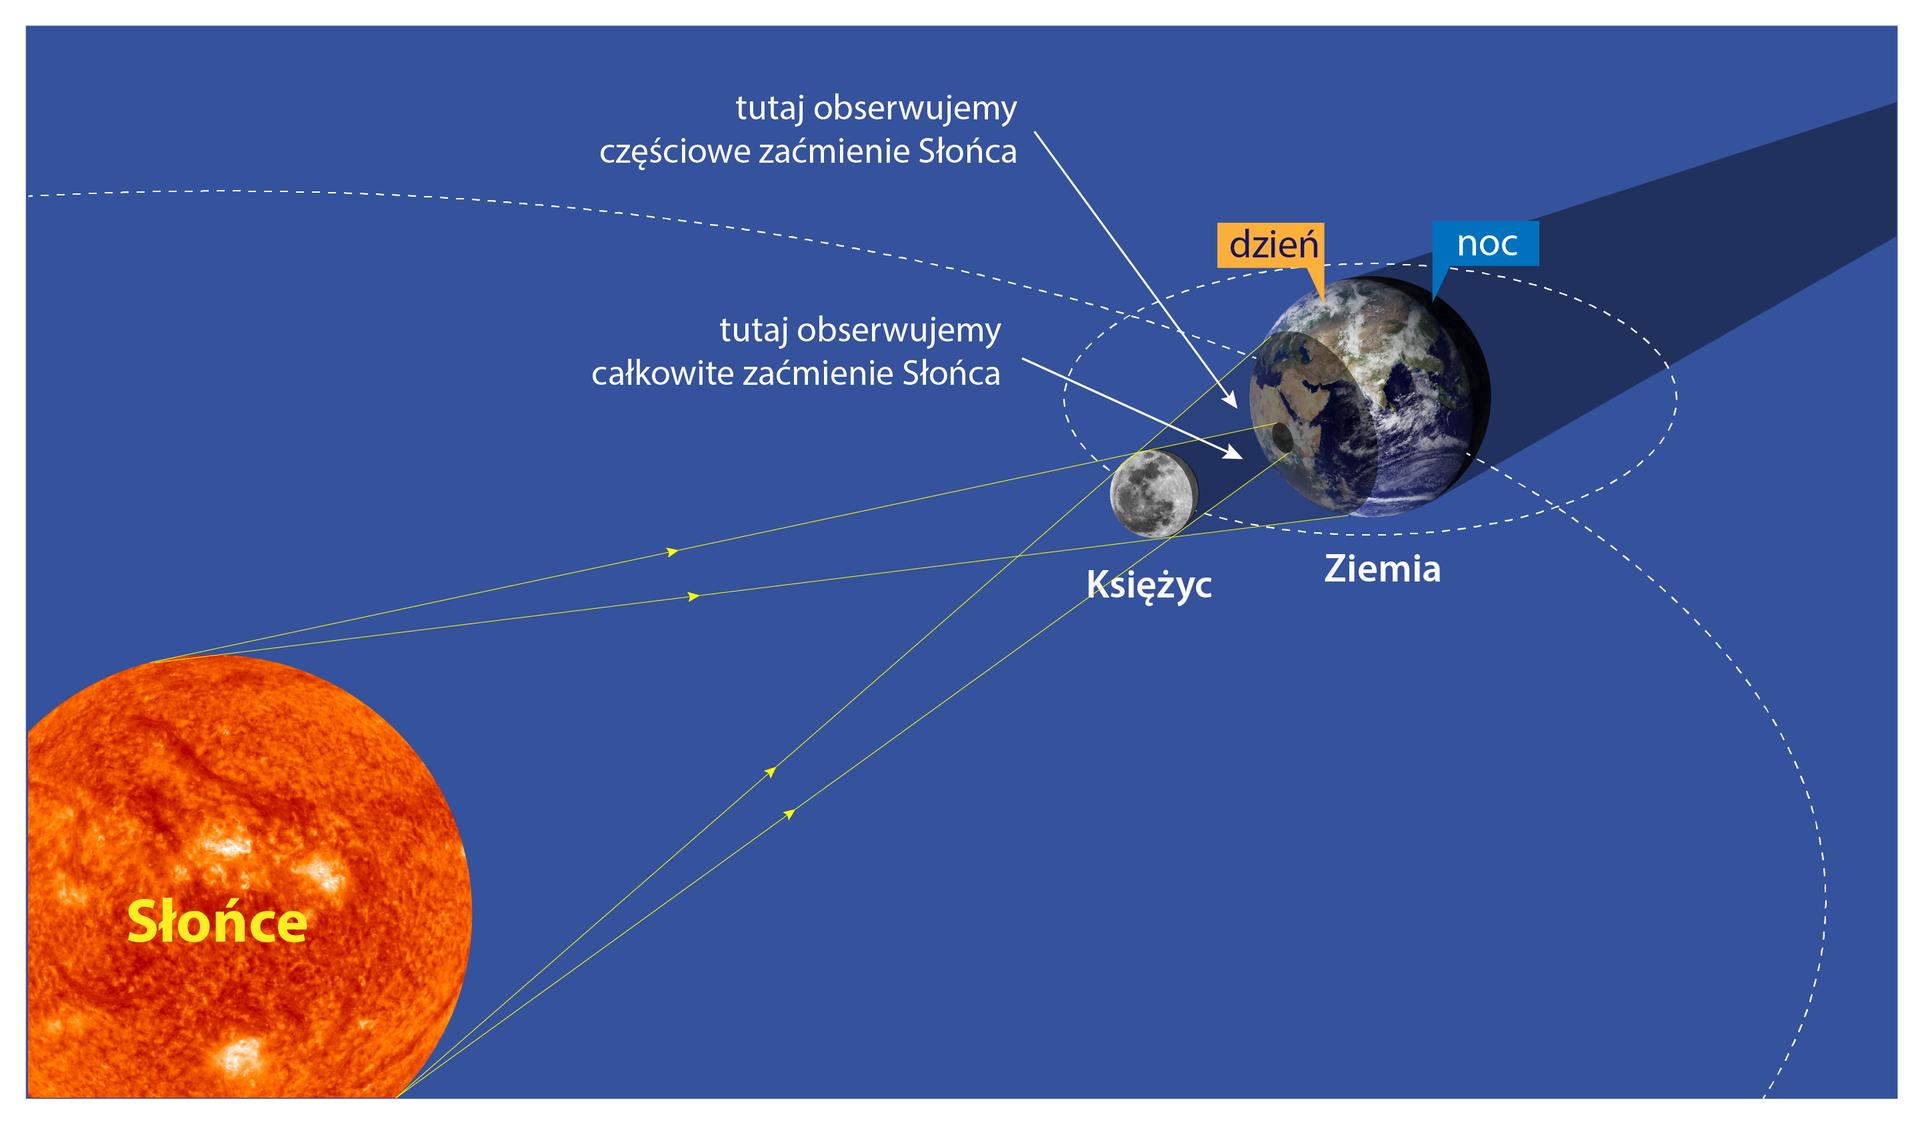 Ilustracja prezentuje mechanizm powstawania zaćmienia Słońca. Wlewym dolnym rogu ilustracji znajduje się Słońce naprzeciwko niego, blisko prawego górnego rogu ilustracji, znajduje się mały Księżyc oraz Ziemia. Przerywanymi liniami zaznaczono orbitę księżyca wokół Ziemi oraz orbitę Ziemi wokół Słońca. Promienie świetlne wysyłane przez Słońce natrafiają na Księżyc, który zasłania cześć Ziemi zwróconą do niego. Wefekcie na Ziemi obserwujemy wdzień zasłonięcie tarczy Słońca przez księżyc, czyli zaćmienie Słońca. Wobszarze Ziemi, gdzie księżyc całkowicie nie zasłania Słońca mamy zaćmienie częściowe.